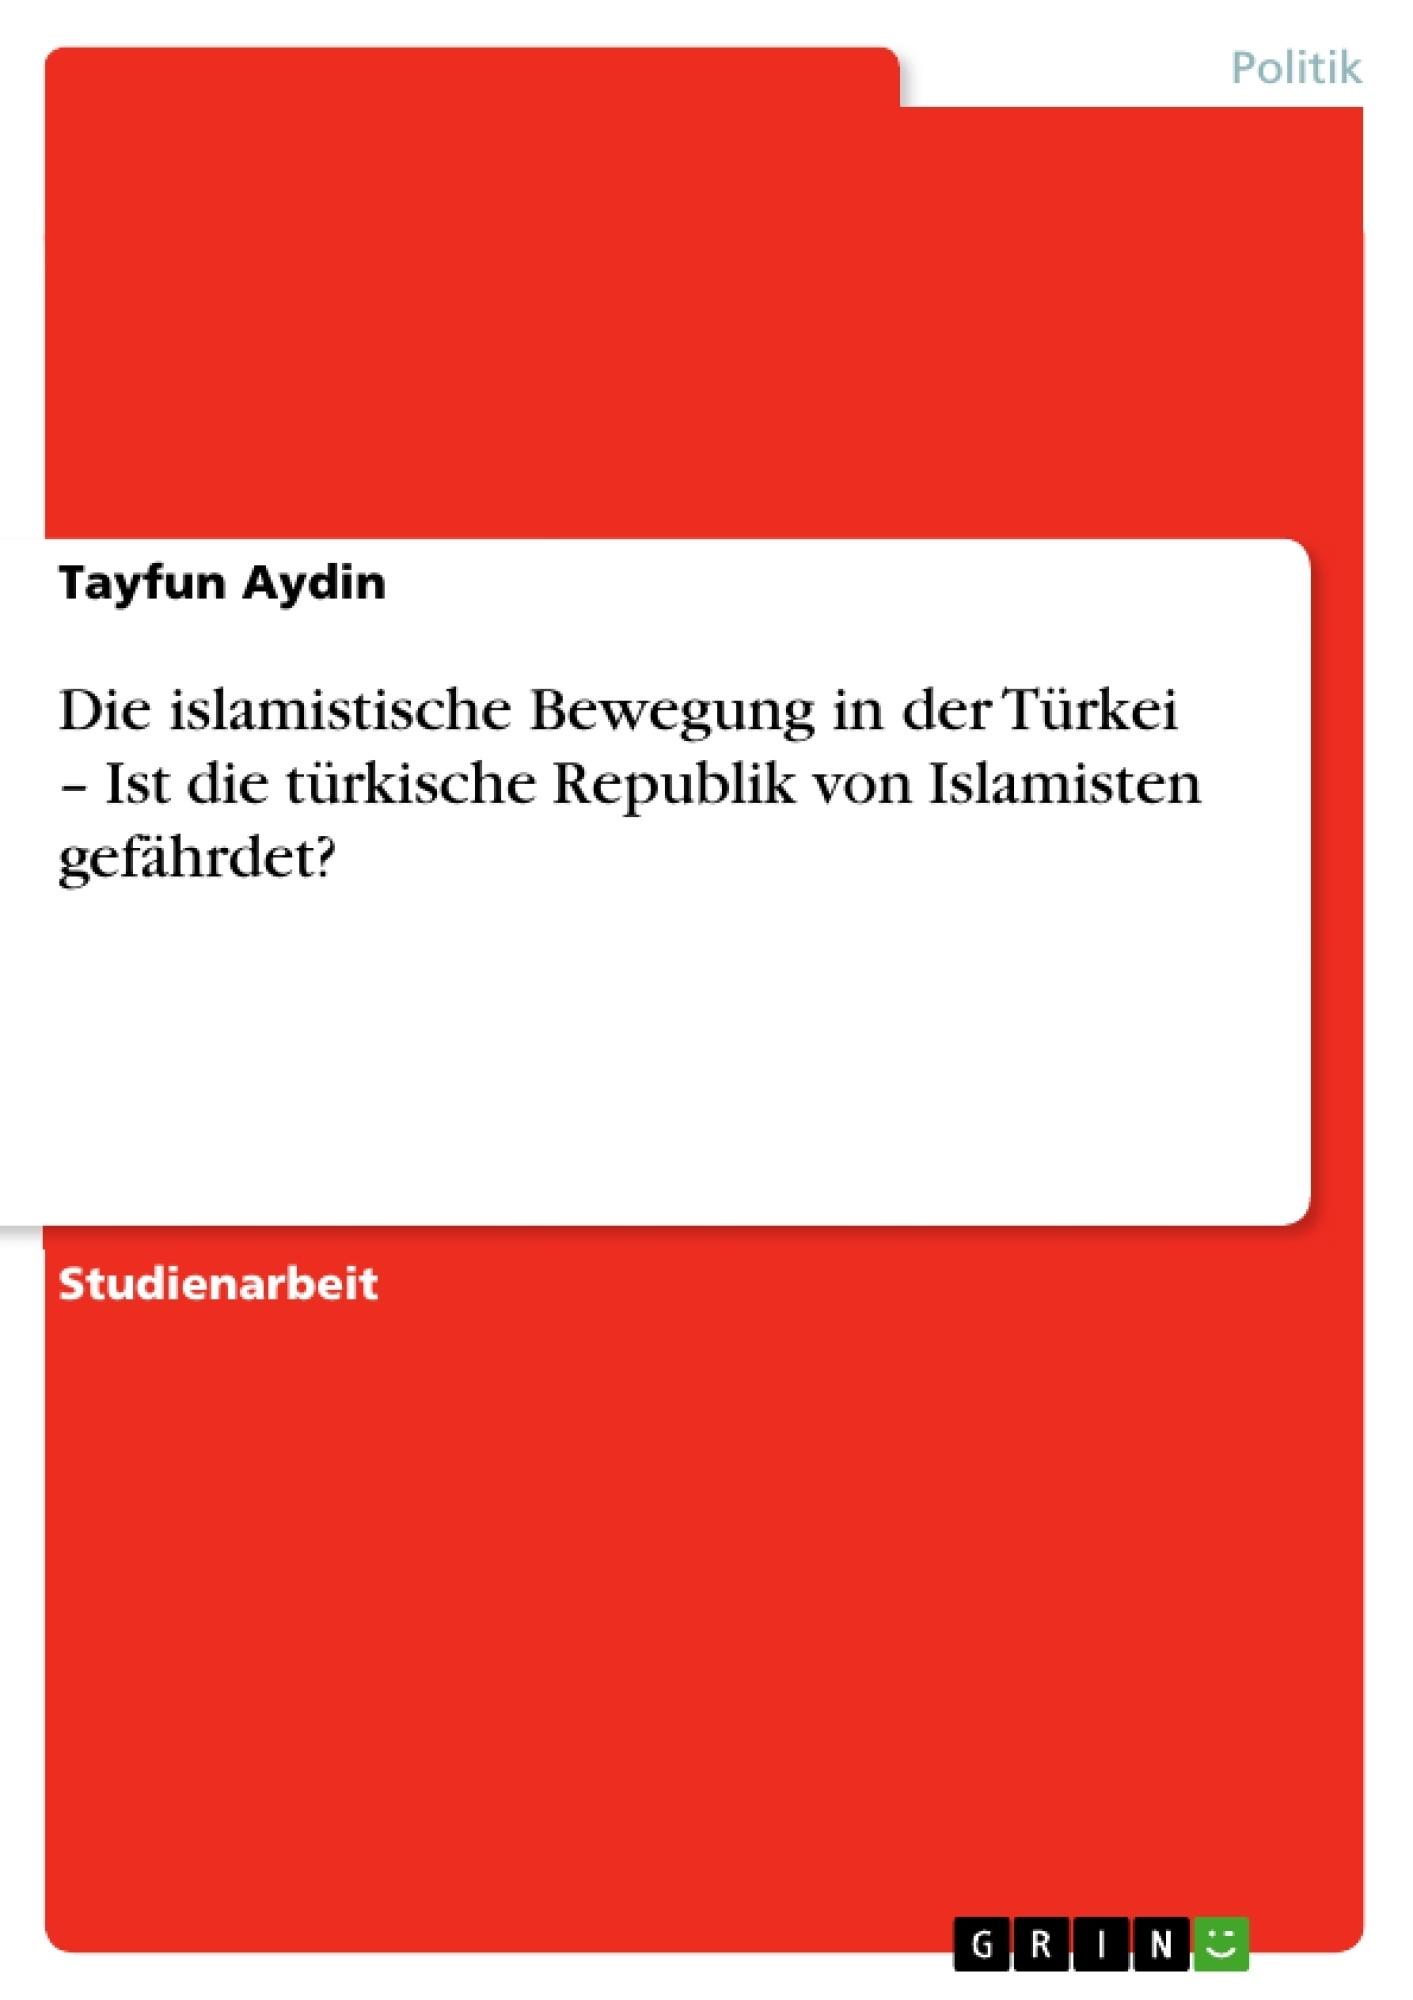 Titel: Die islamistische Bewegung in der Türkei – Ist die türkische Republik  von Islamisten gefährdet?